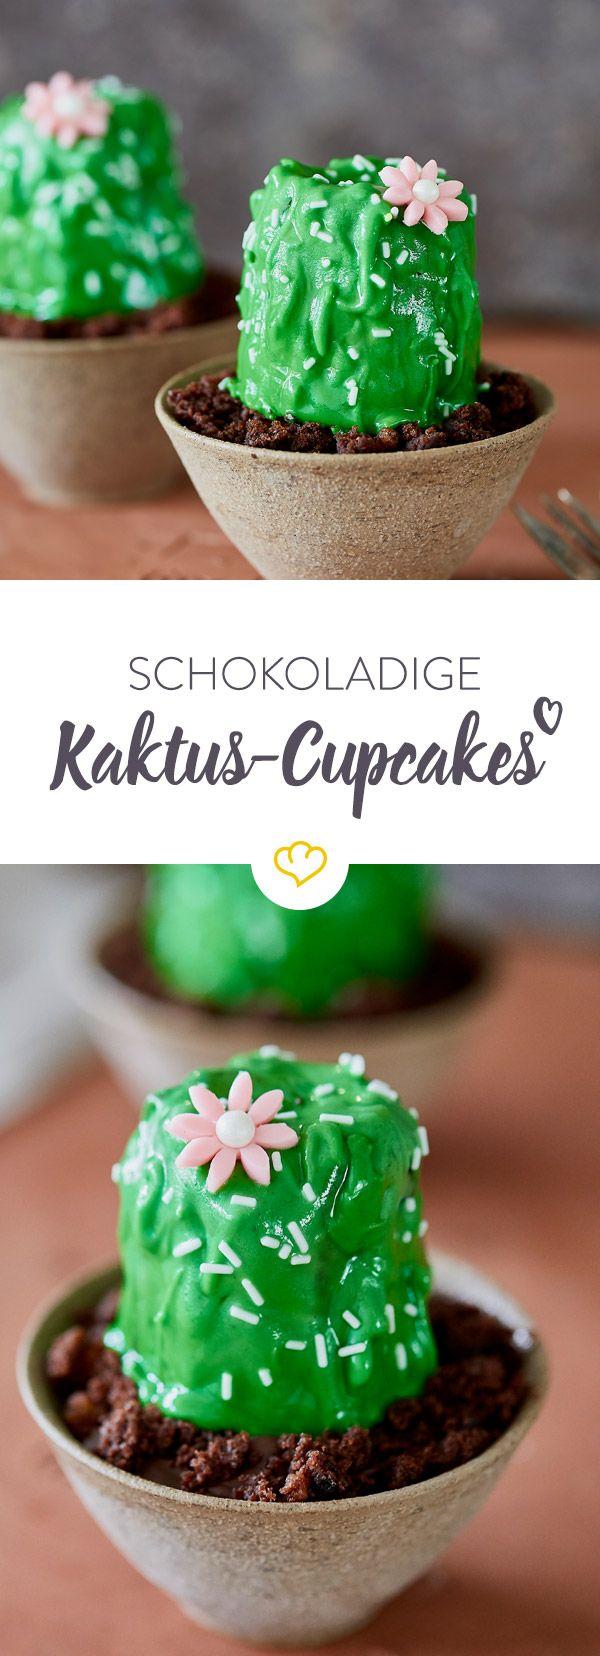 Dein kleiner grüner Kaktus steht heute nicht auf dem Balkon, sondern als schokoladiger Cupcake mit farbenfroher Zuckerglasur auf der gedeckten Kaffeetafel.